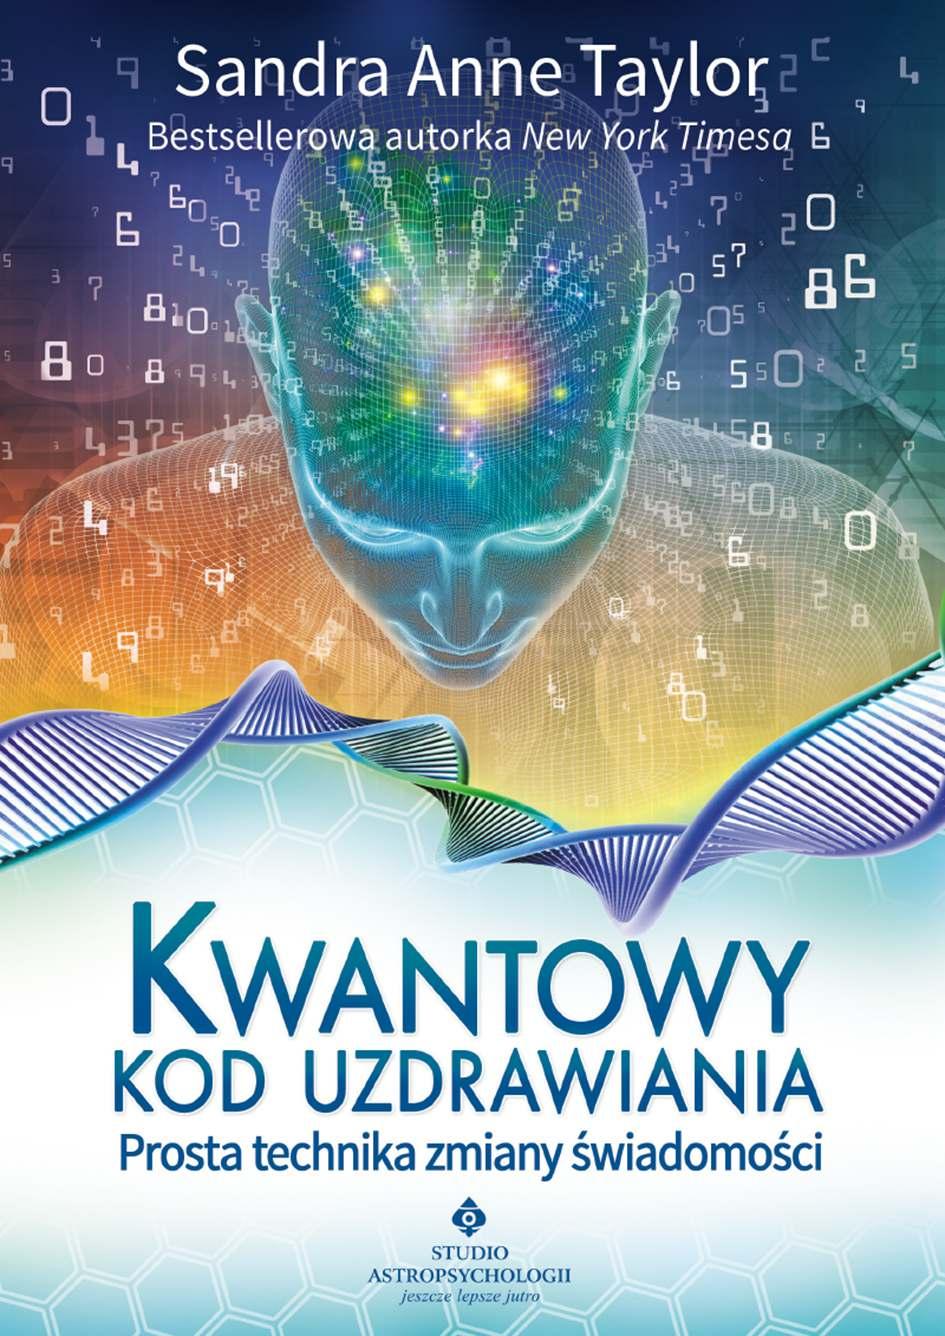 Kwantowy kod uzdrawiania. Prosta technika zmiany świadomości - Ebook (Książka PDF) do pobrania w formacie PDF